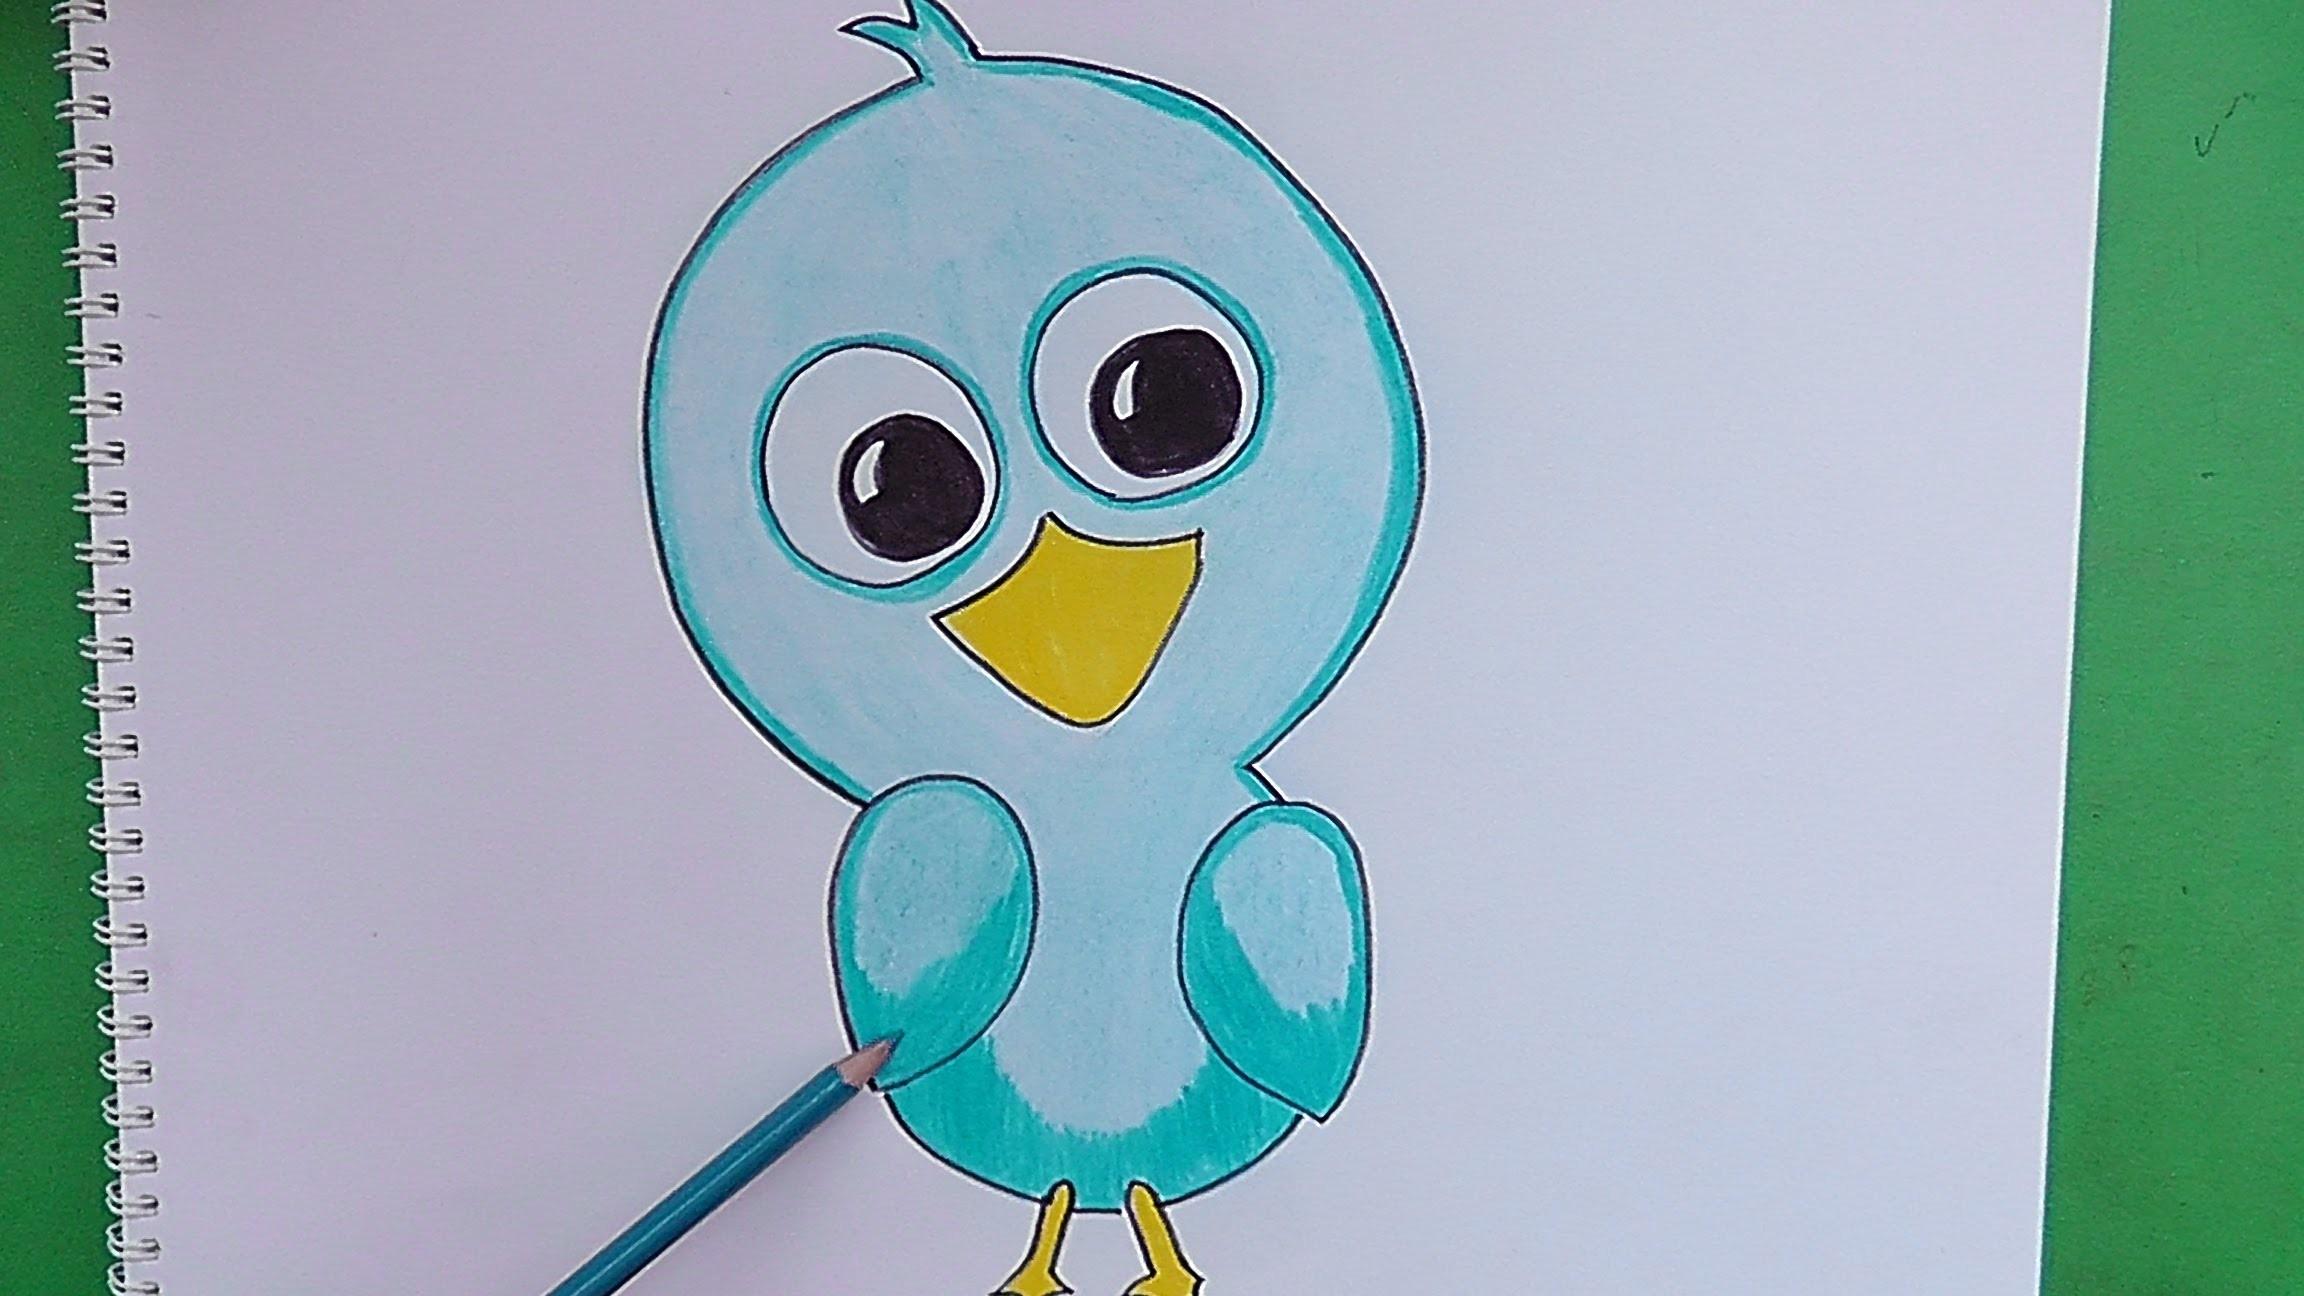 Como dibujar y pintar paso a paso a Pajaro - How to draw and paint step by step Pajaro